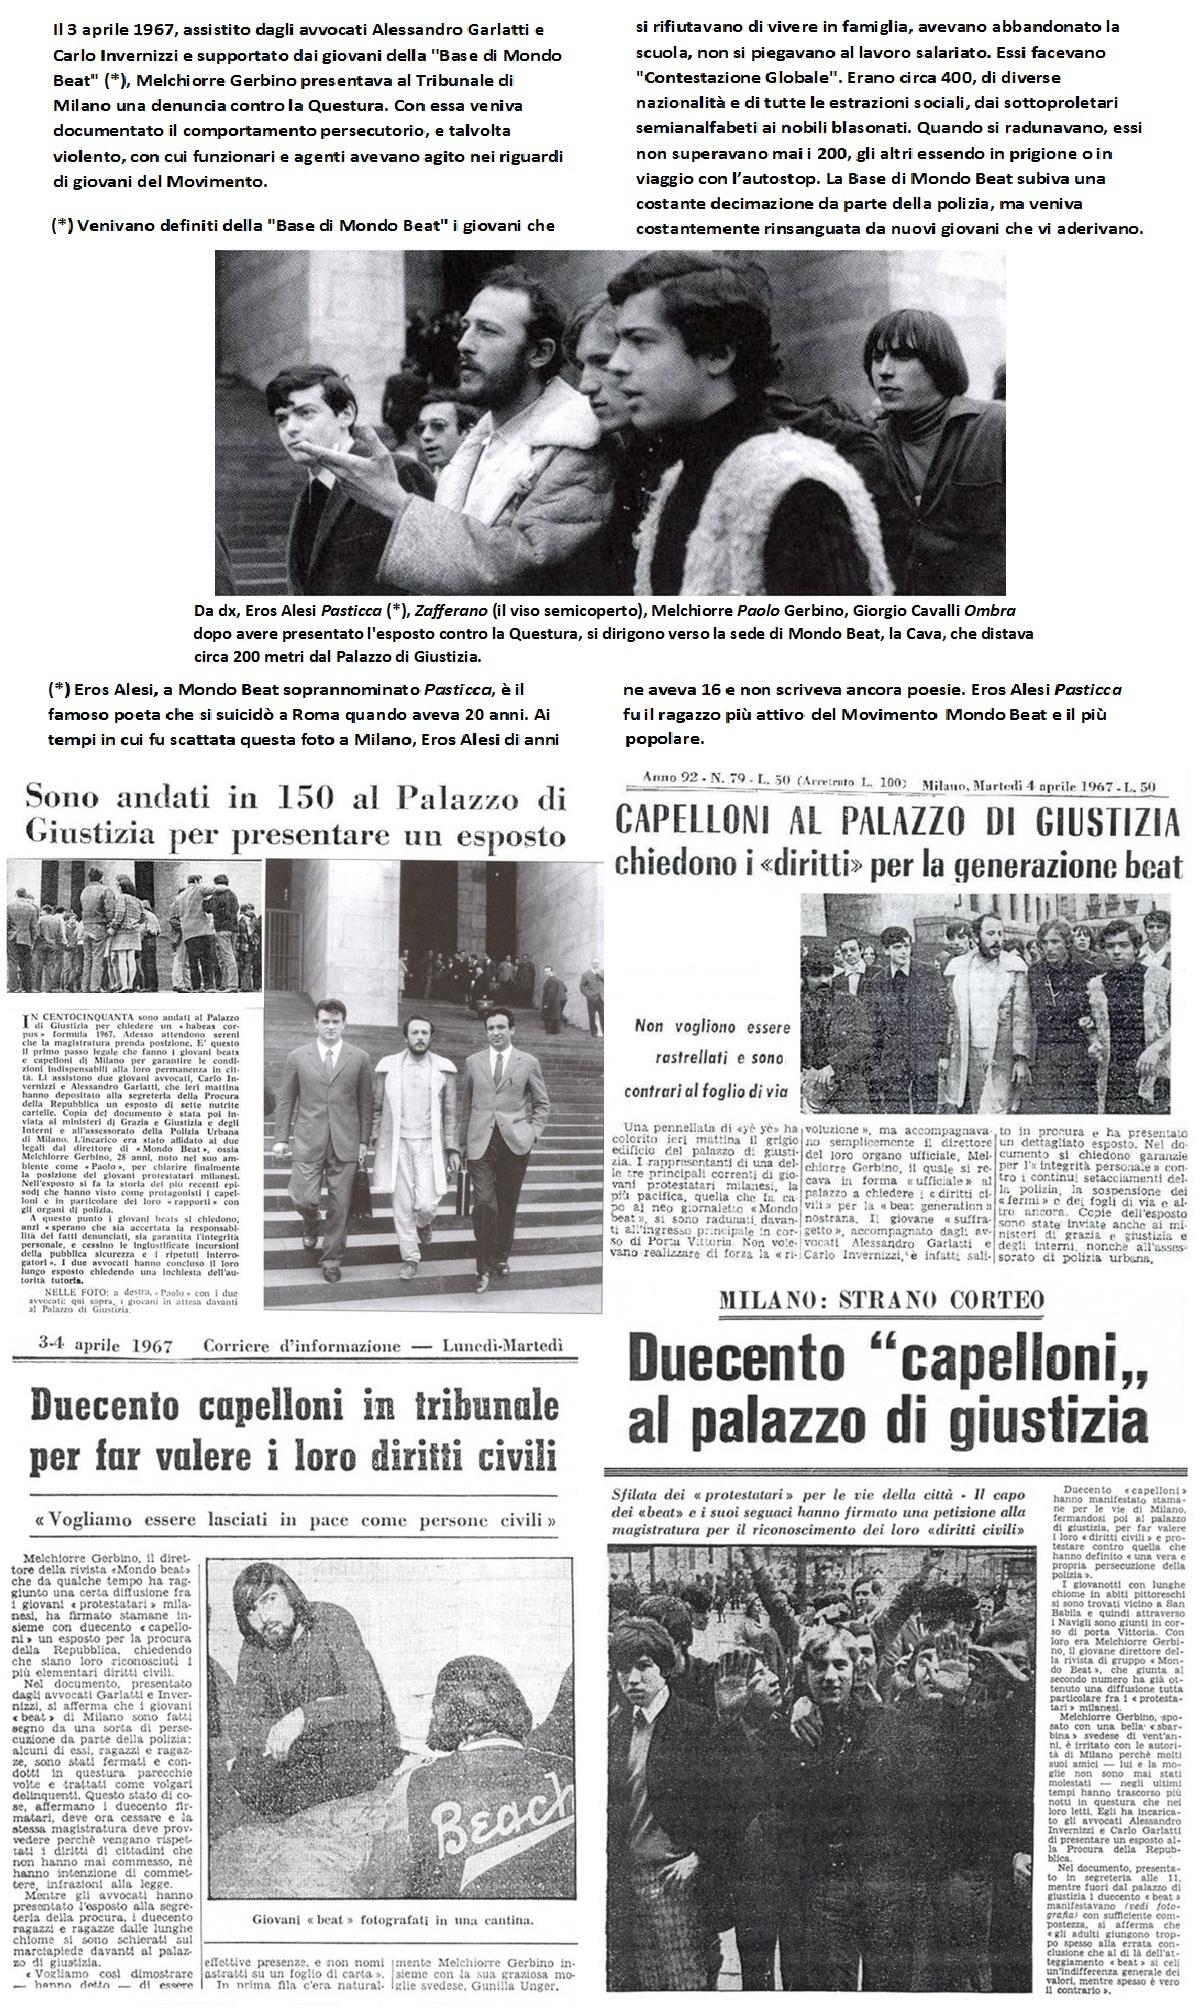 Melchiorre Gerbino e la Base di Mondo Beat presentano denuncia contro la Questura di Milano